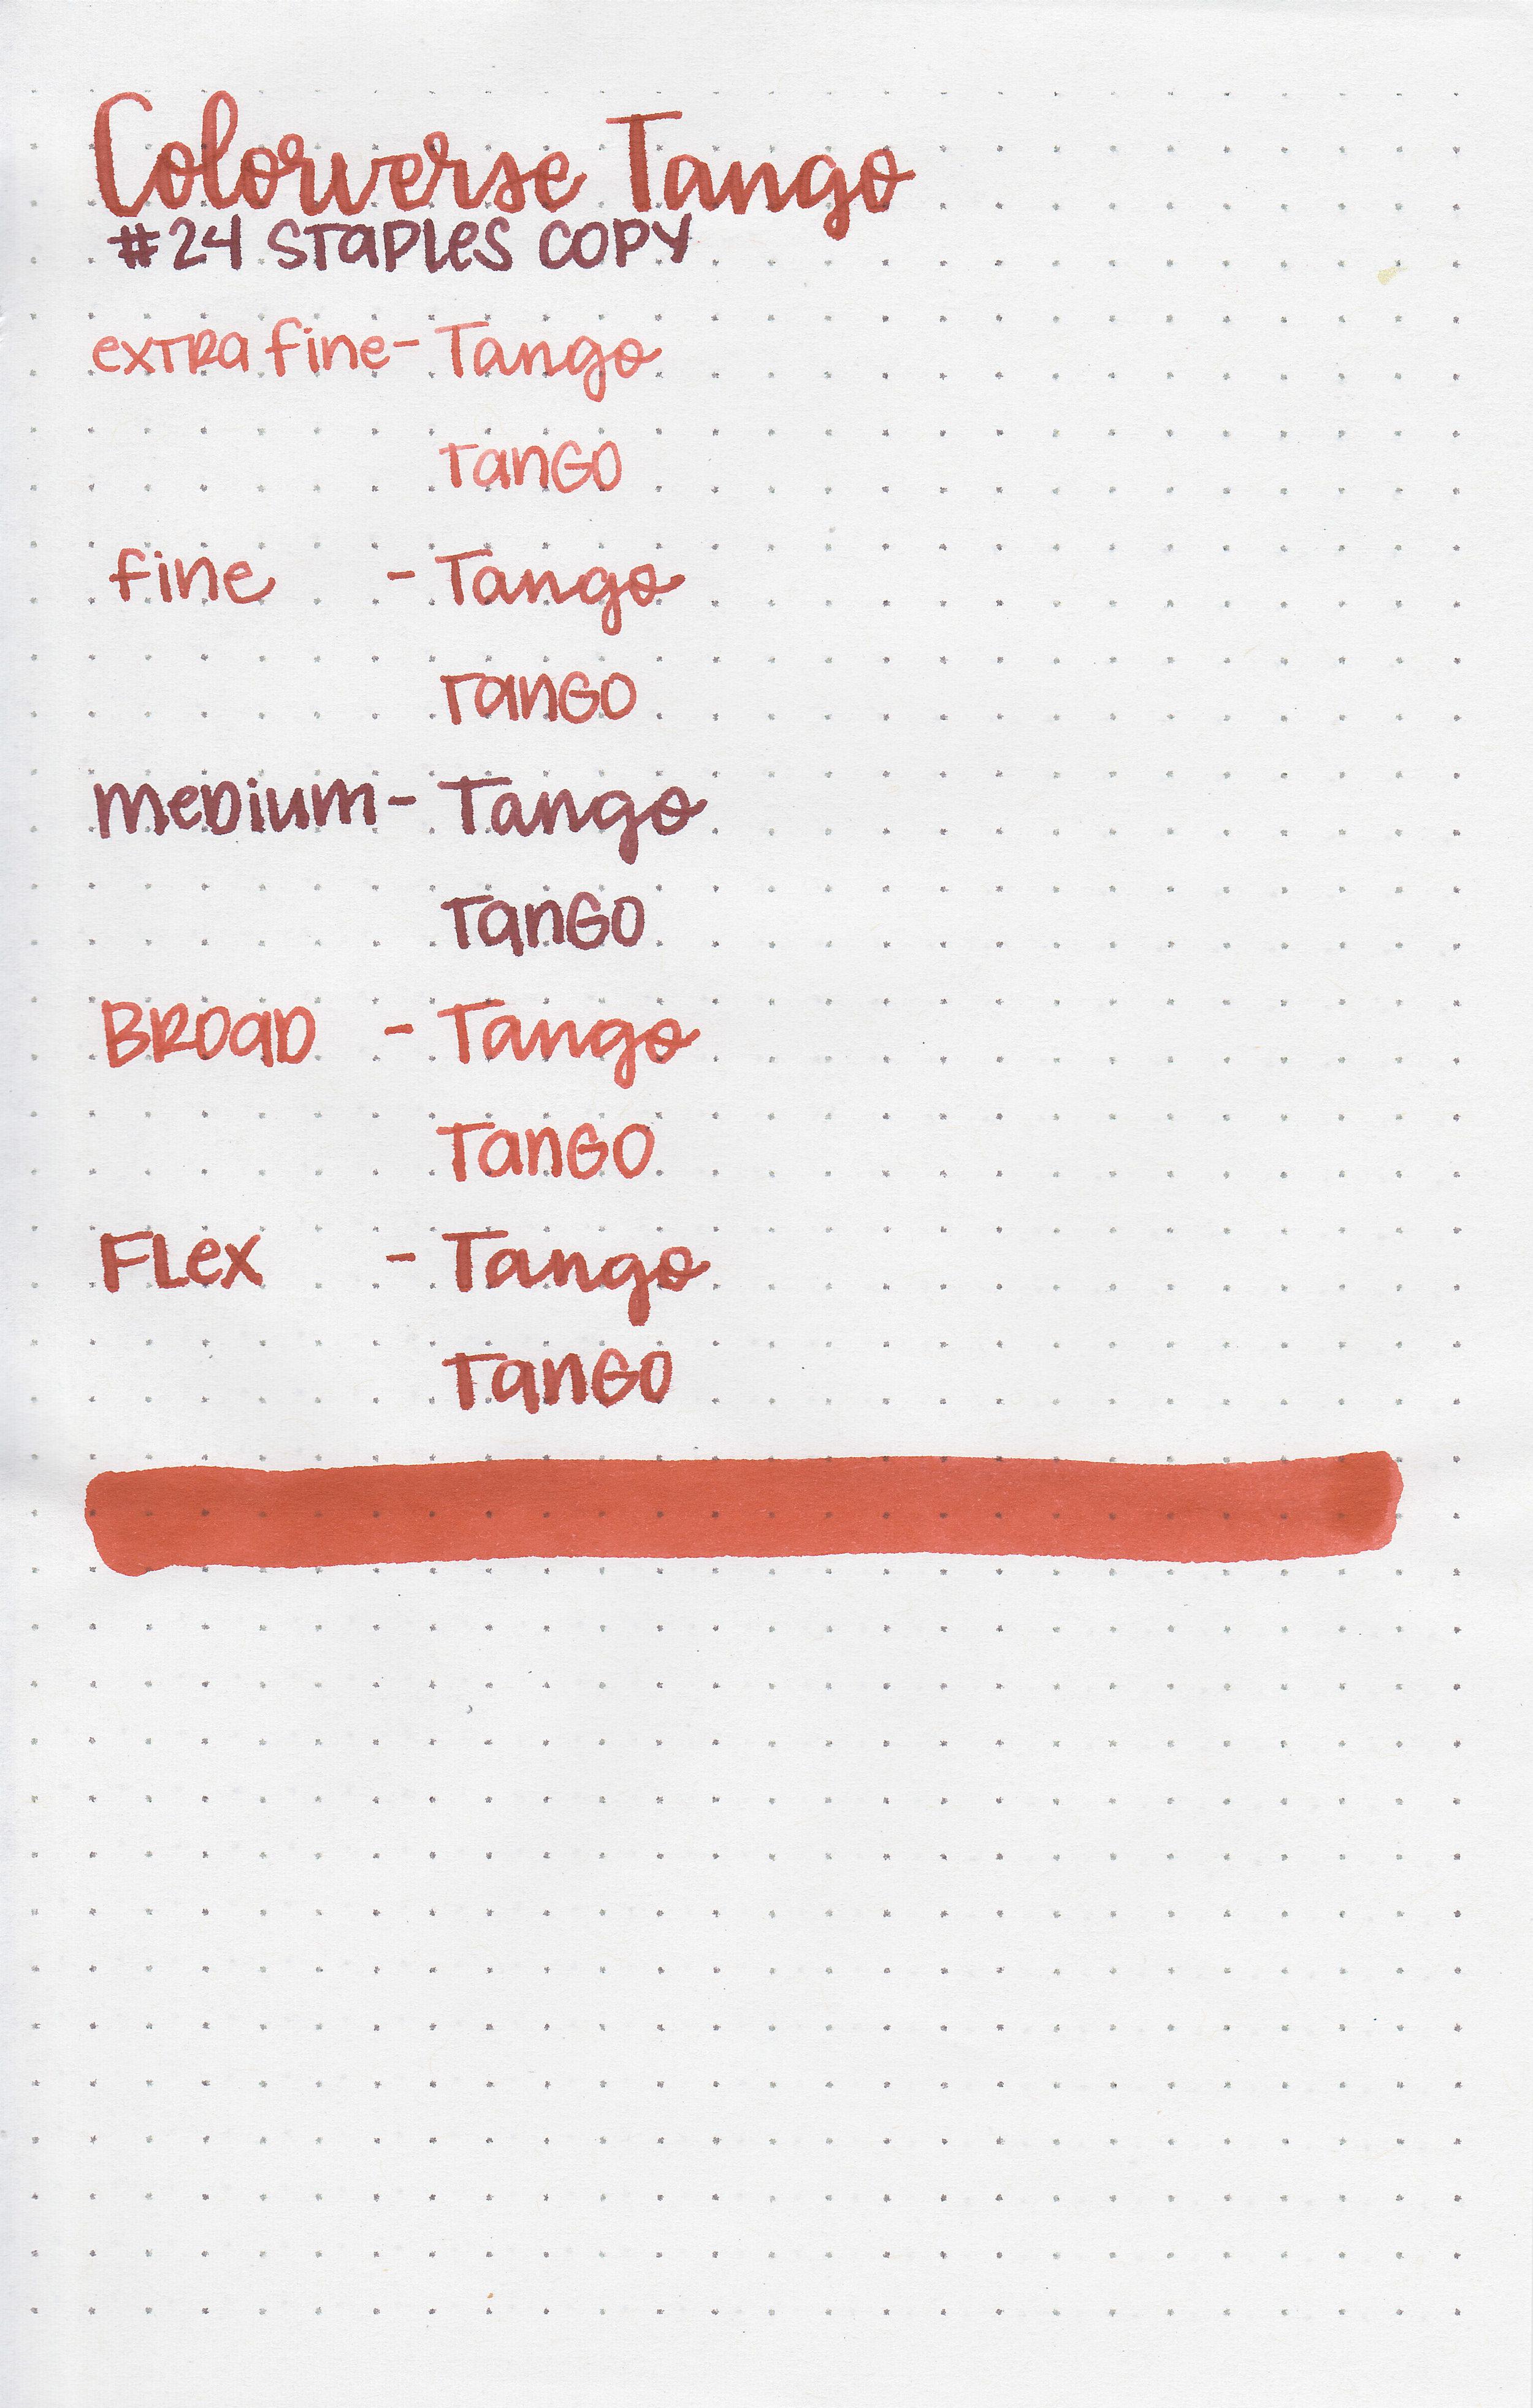 cv-tango-11.jpg